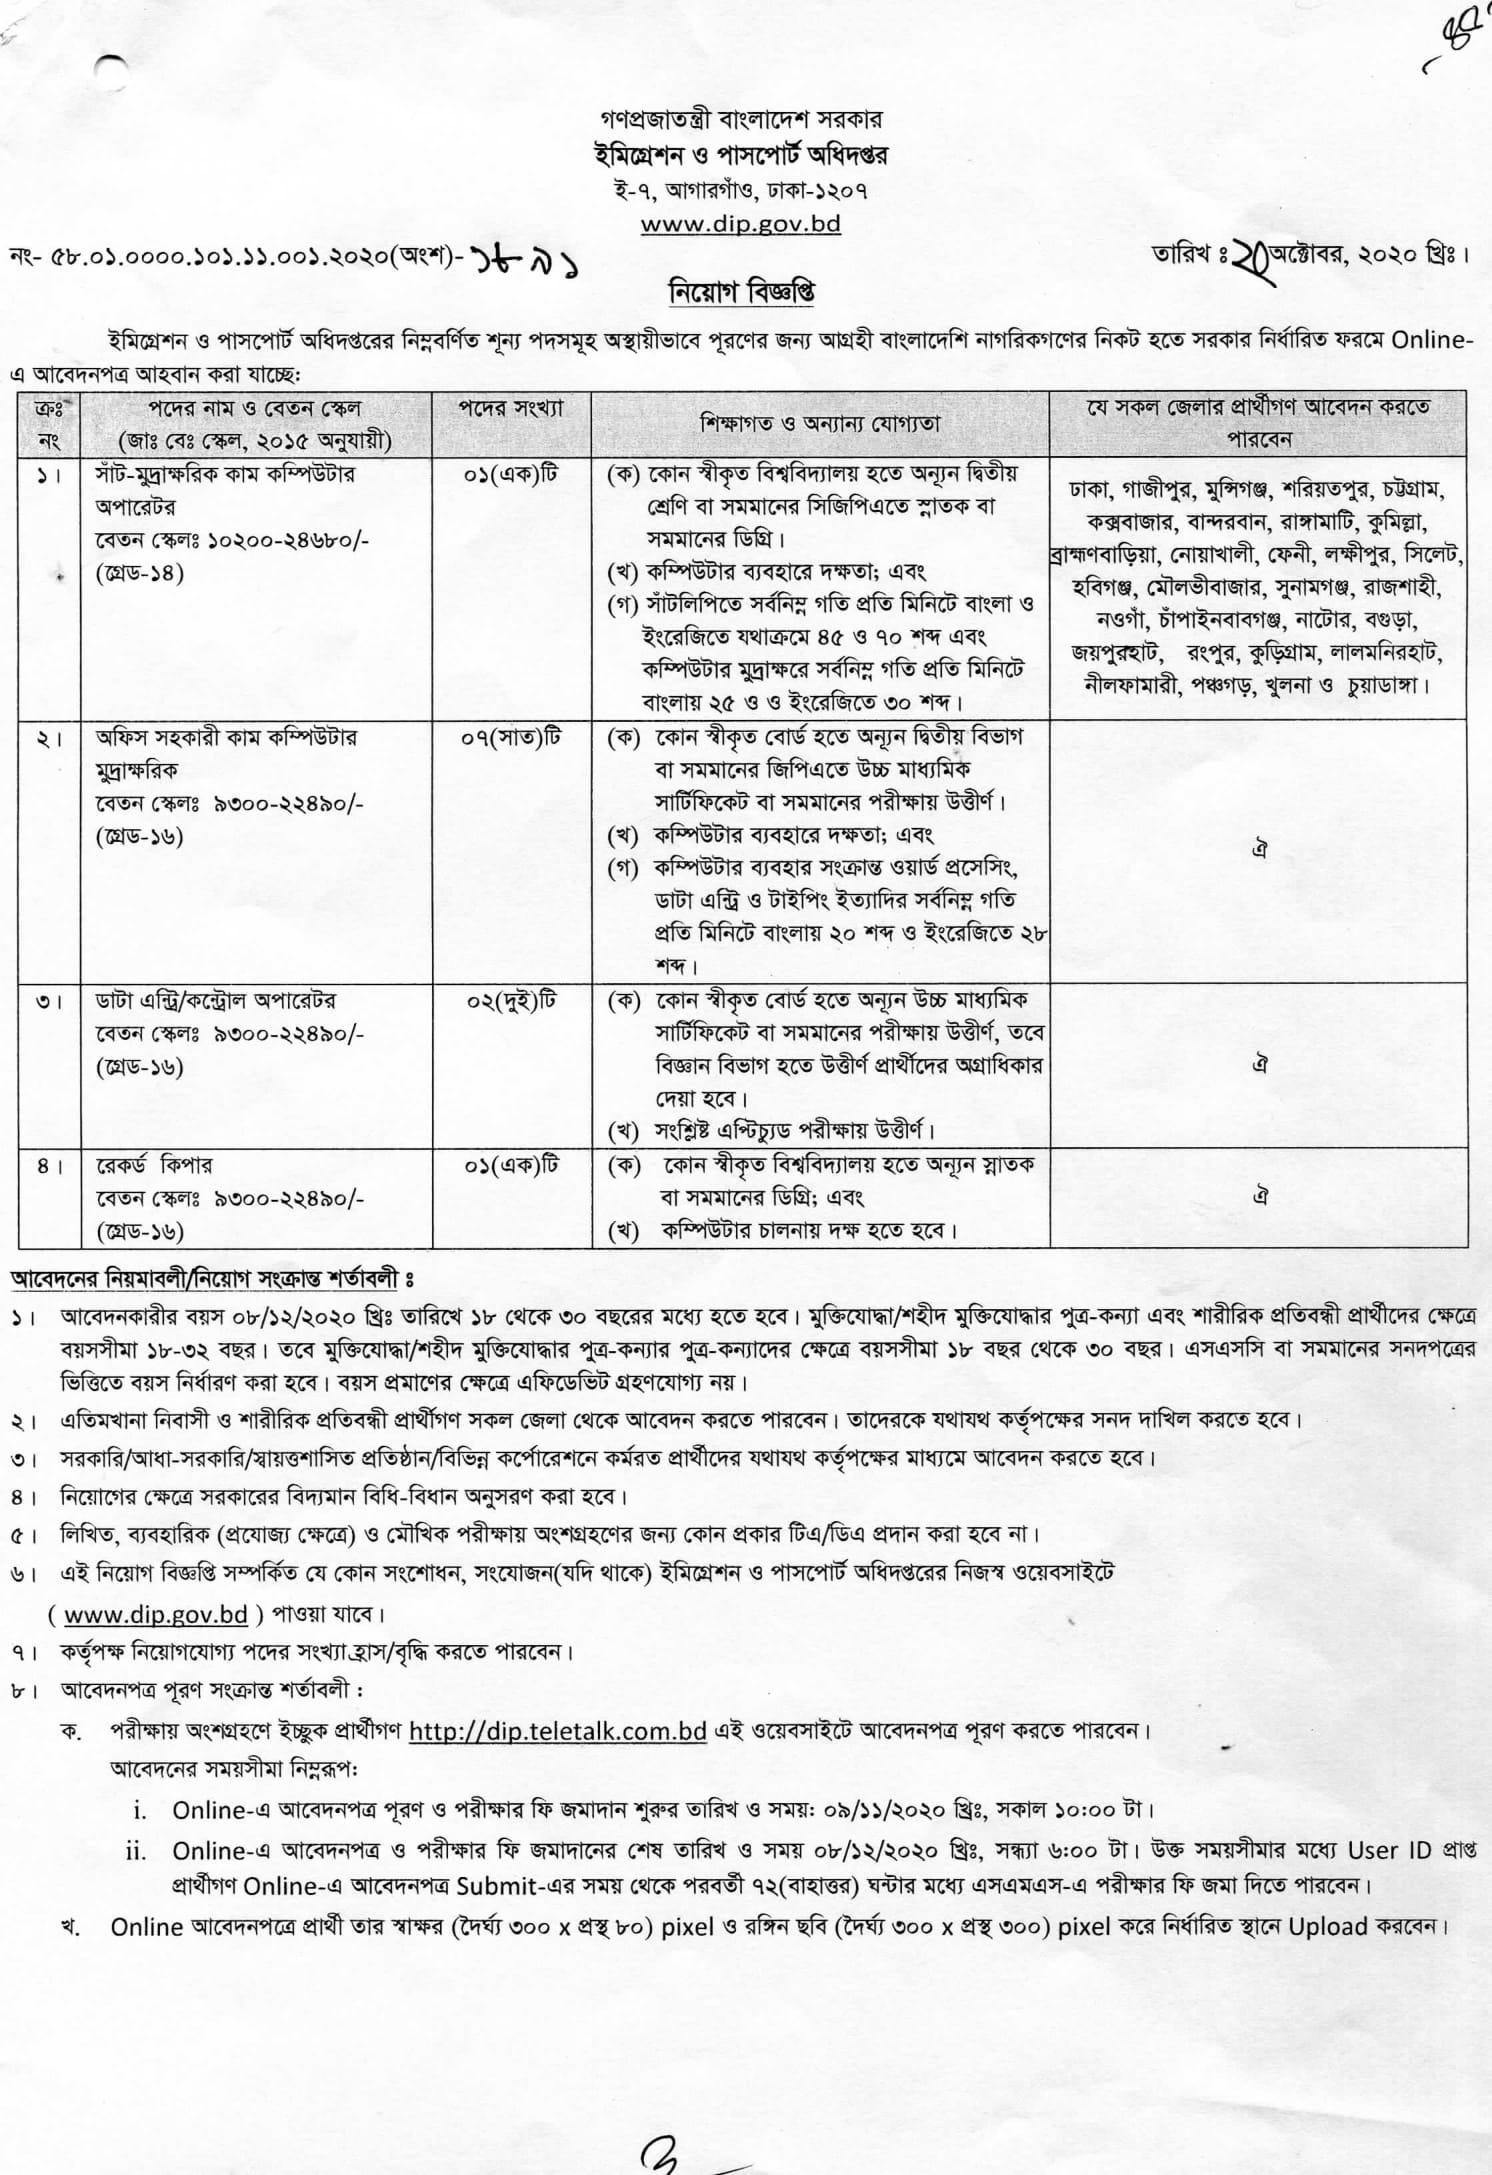 DIP-Job-Circular-2020-PDF-1-1